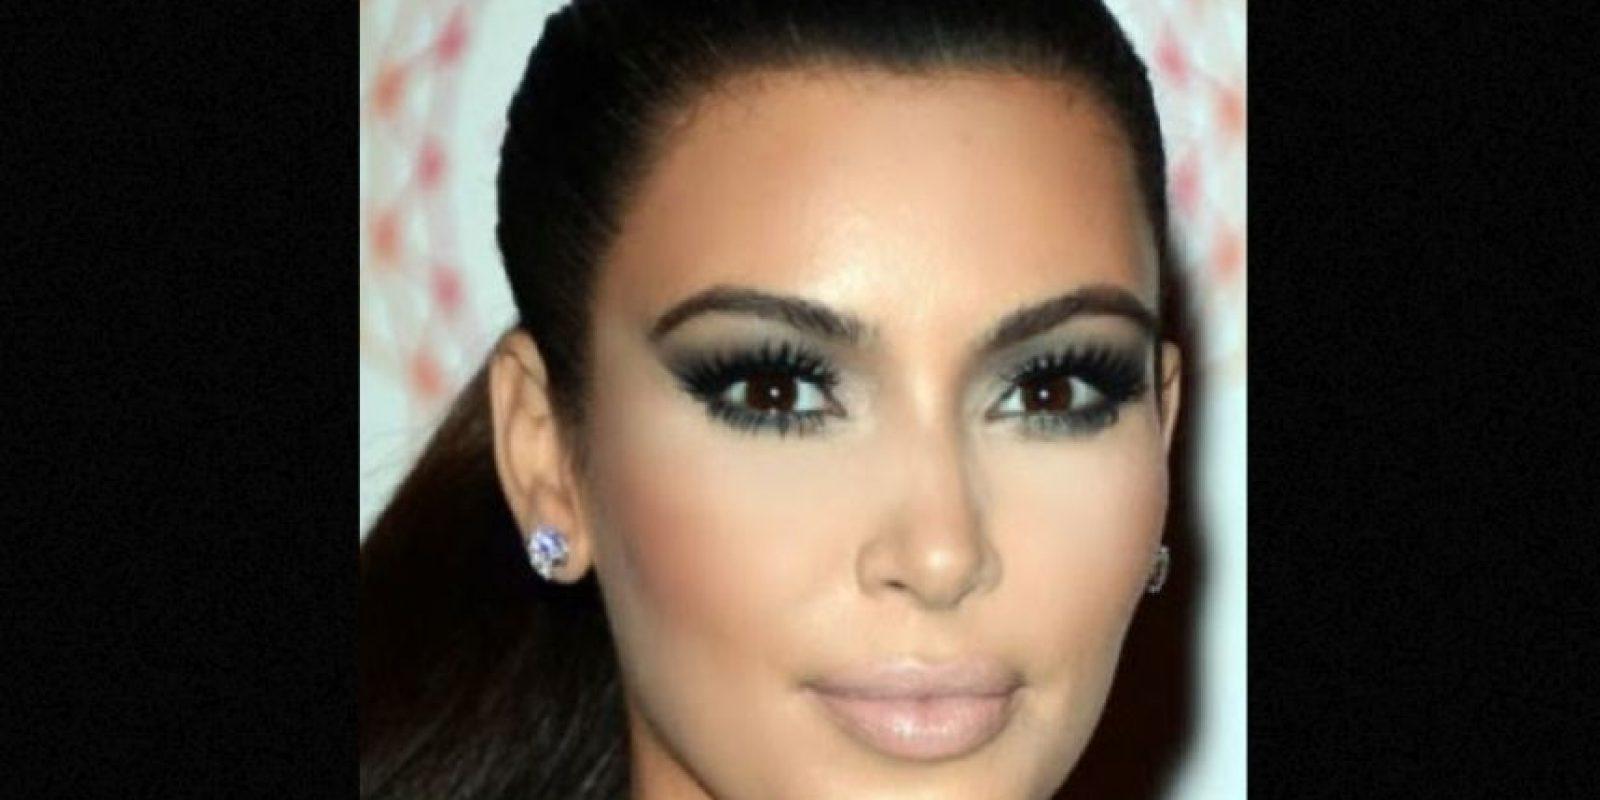 El contouring afina rasgos de la cara, ilumina otros. Foto:vía Getty Images